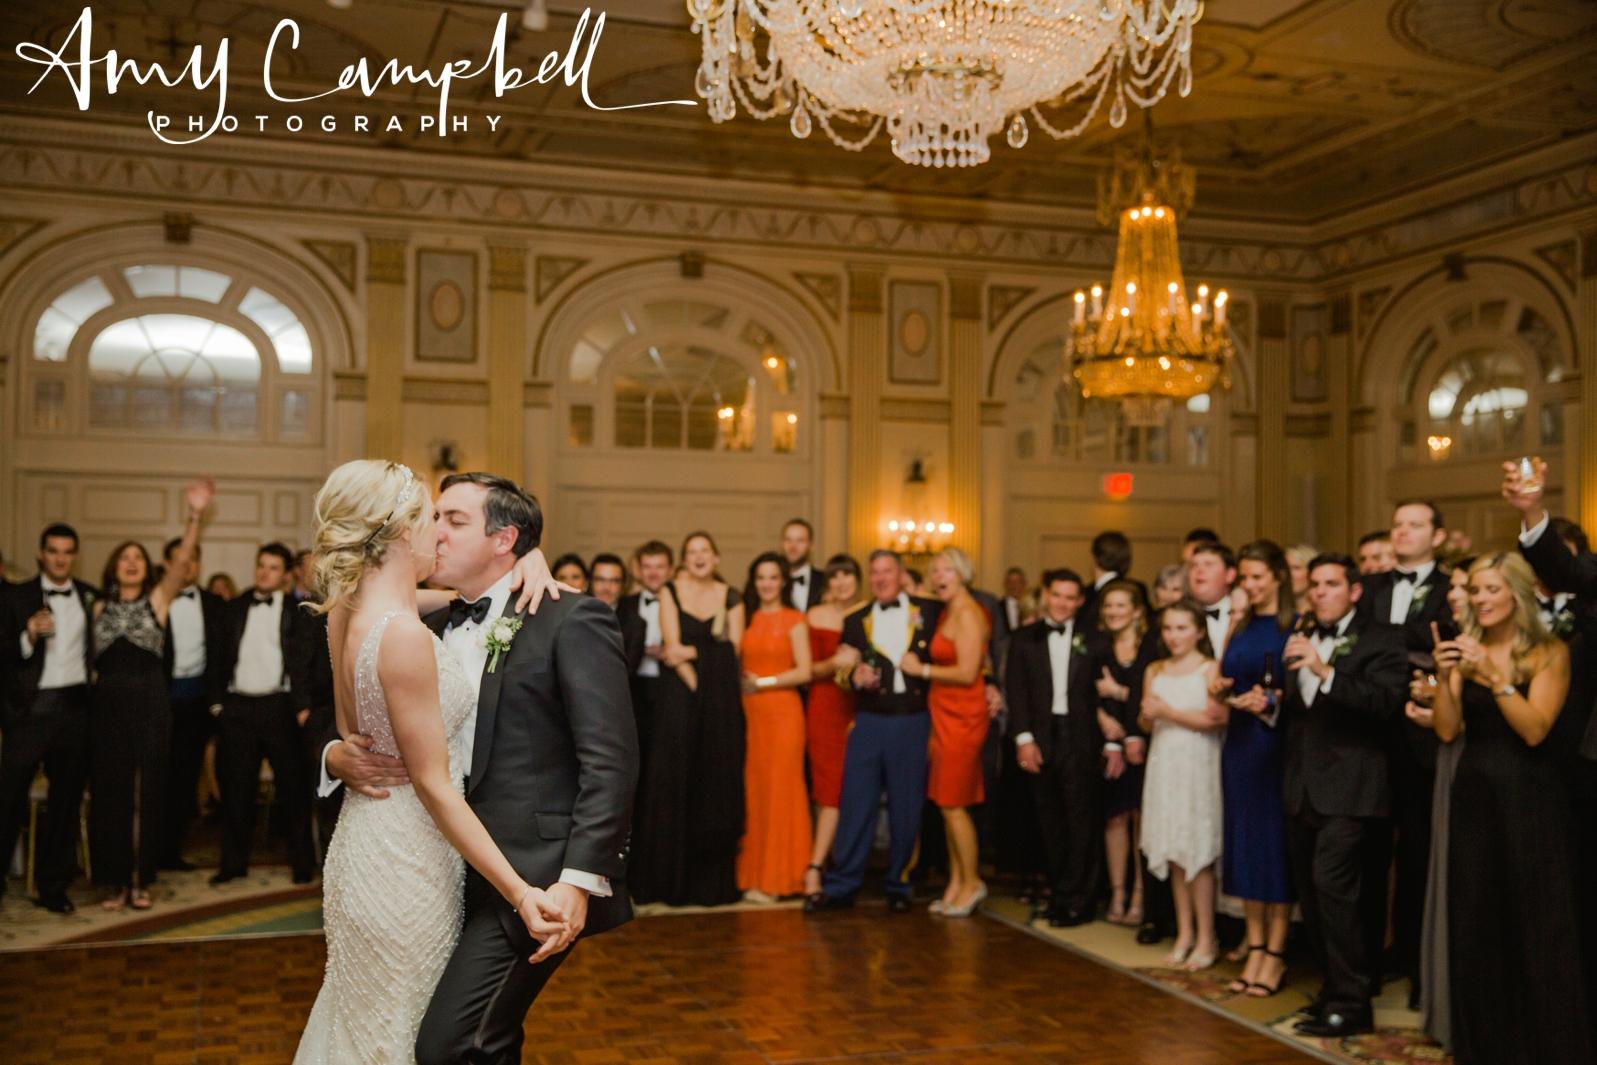 emmakyle_wedding_fb_amycampbellphotography_0045.jpg